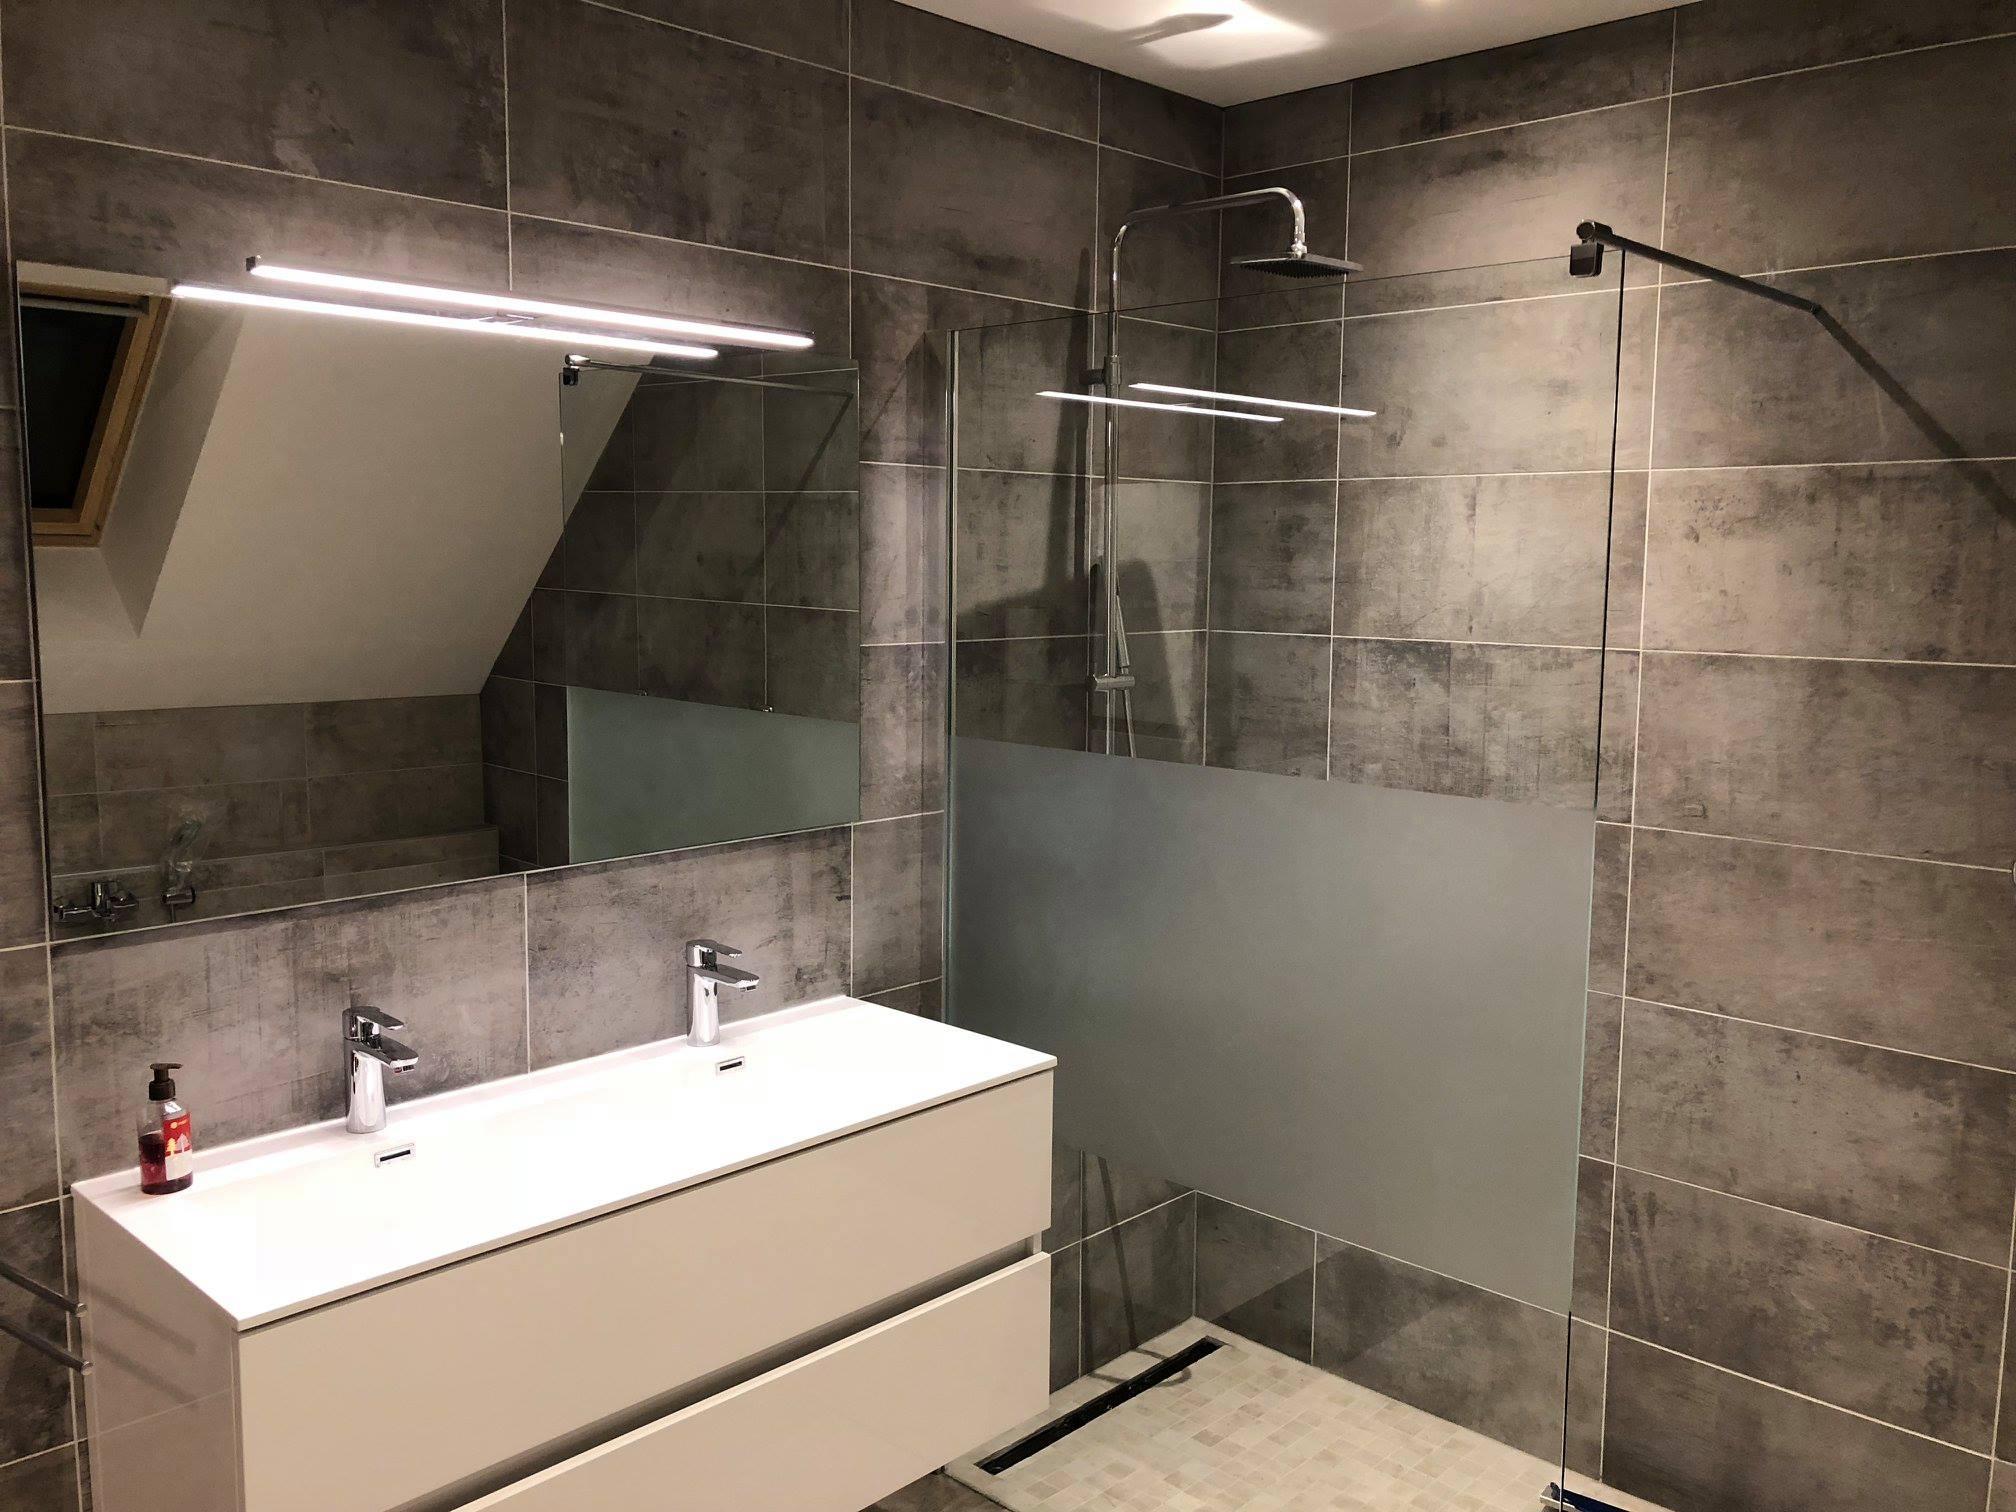 Espace salle de bains - Maisons BEGI -Maisons BEGI